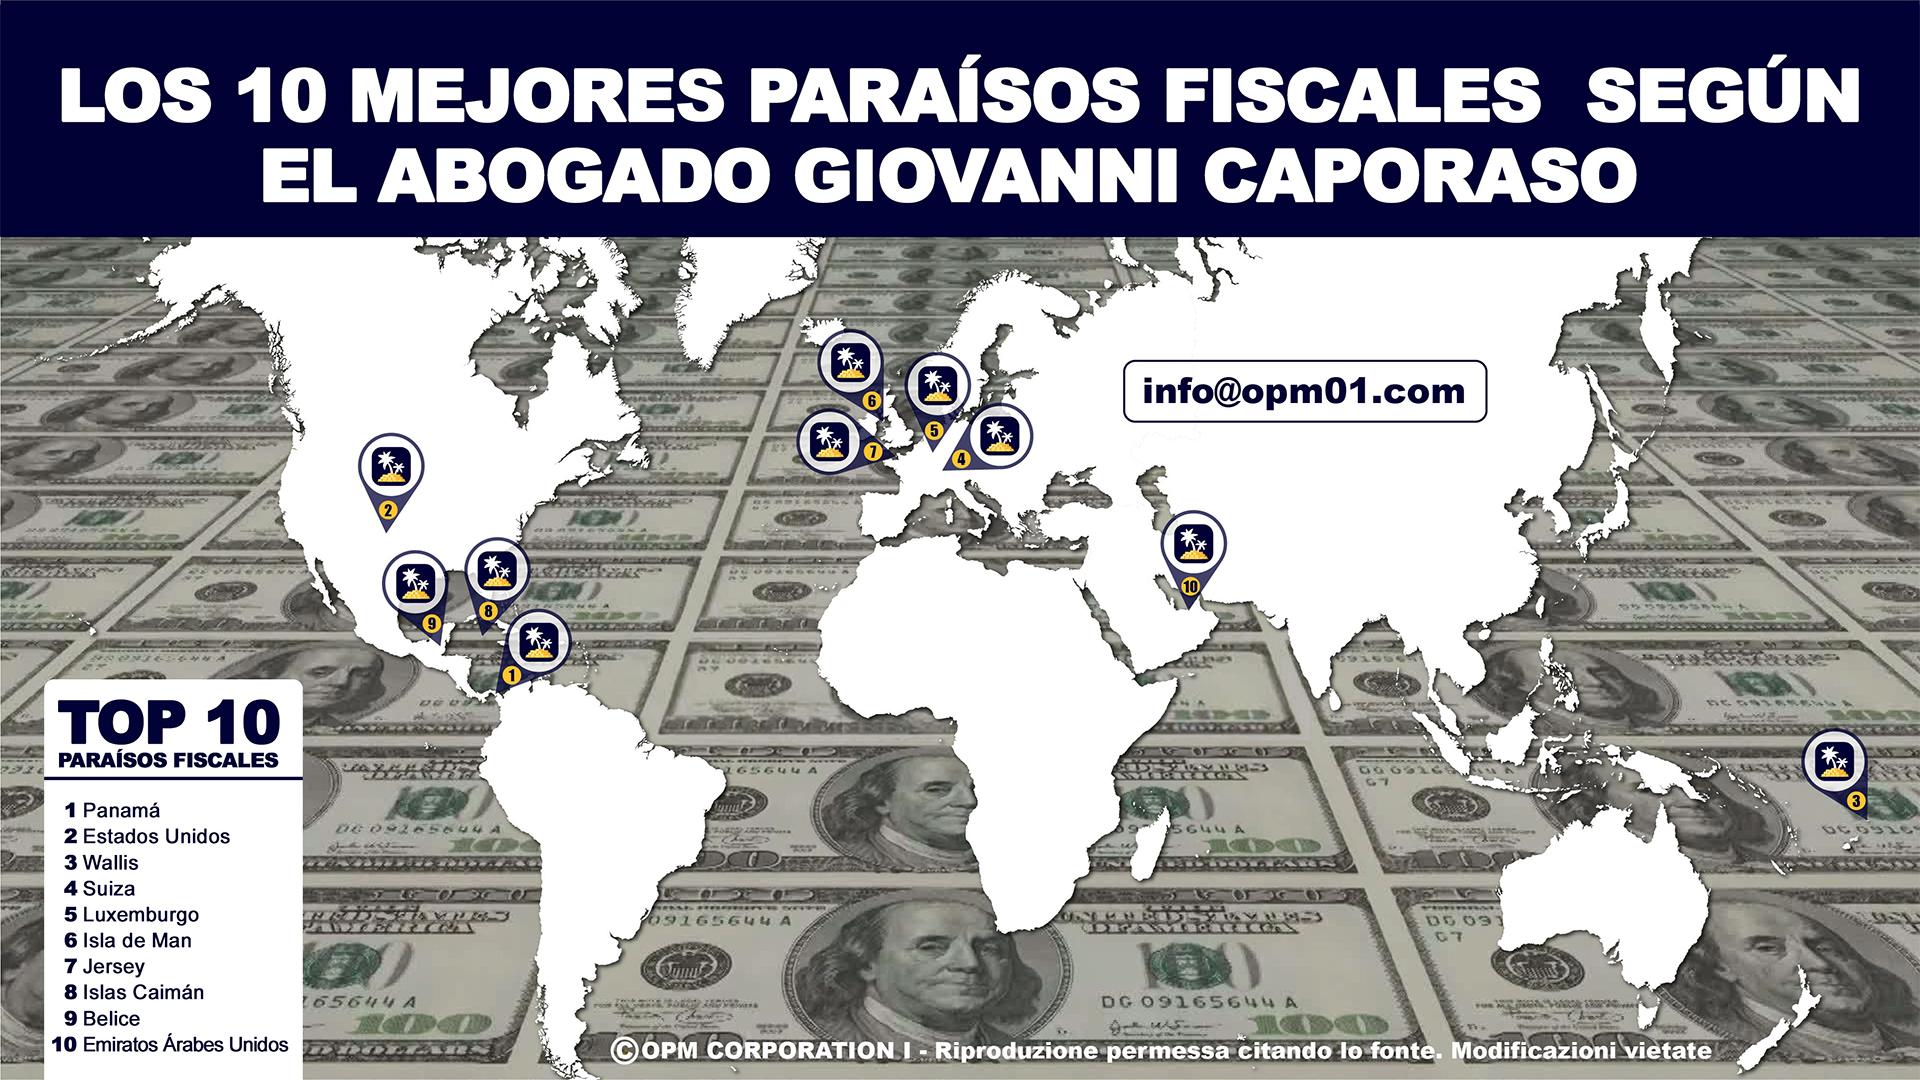 10 mejores paraísos fiscales